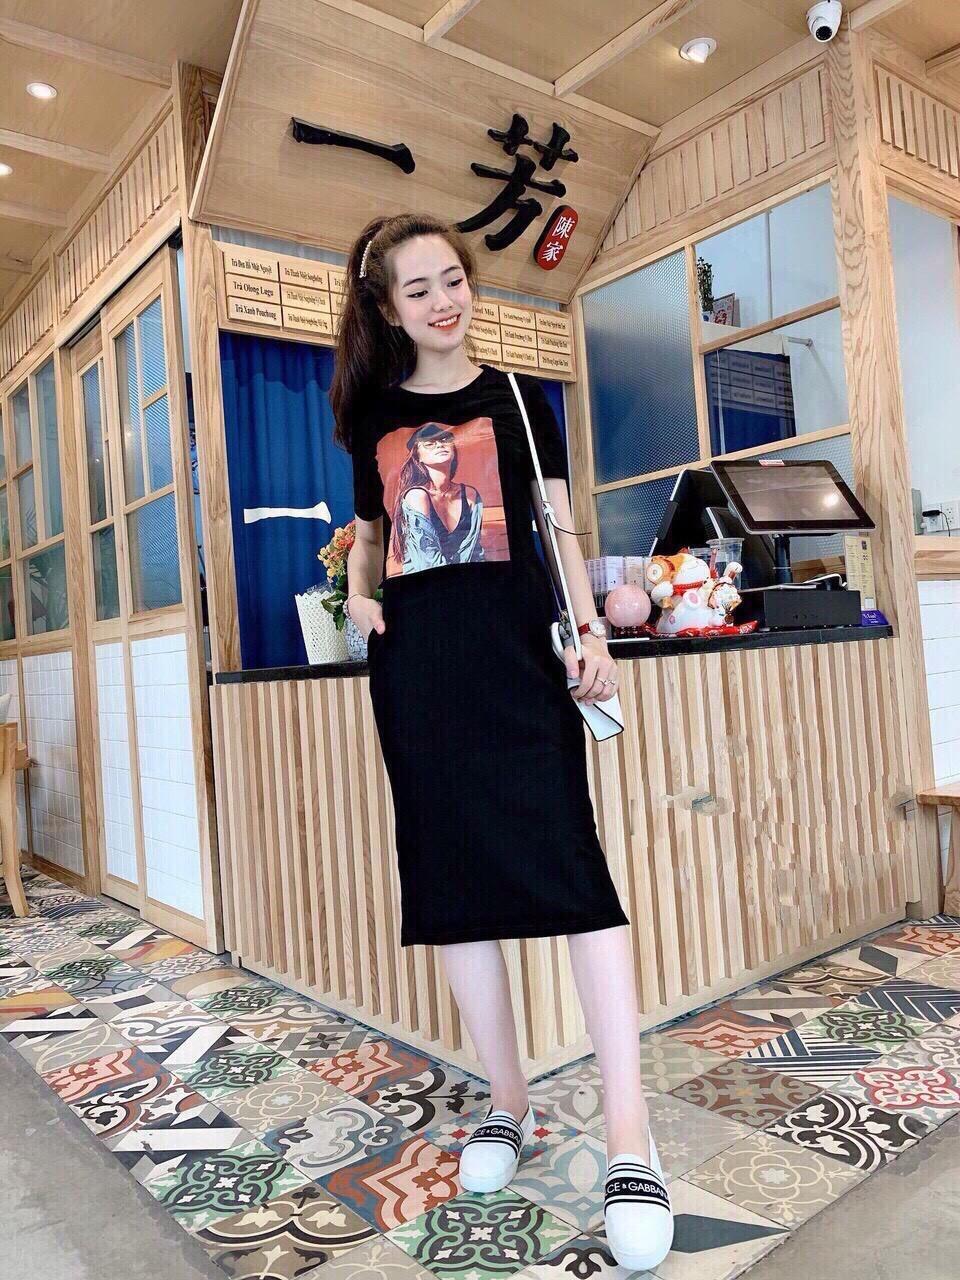 Đầm Suông In Hoạt Hình Vải Thun Mềm Mịn T89 Phù Hợp Mọi Lứa Tuổi Mọi Vóc Dáng Dễ Phối Trang Phục (Có Big Size) Đang Khuyến Mại Khủng